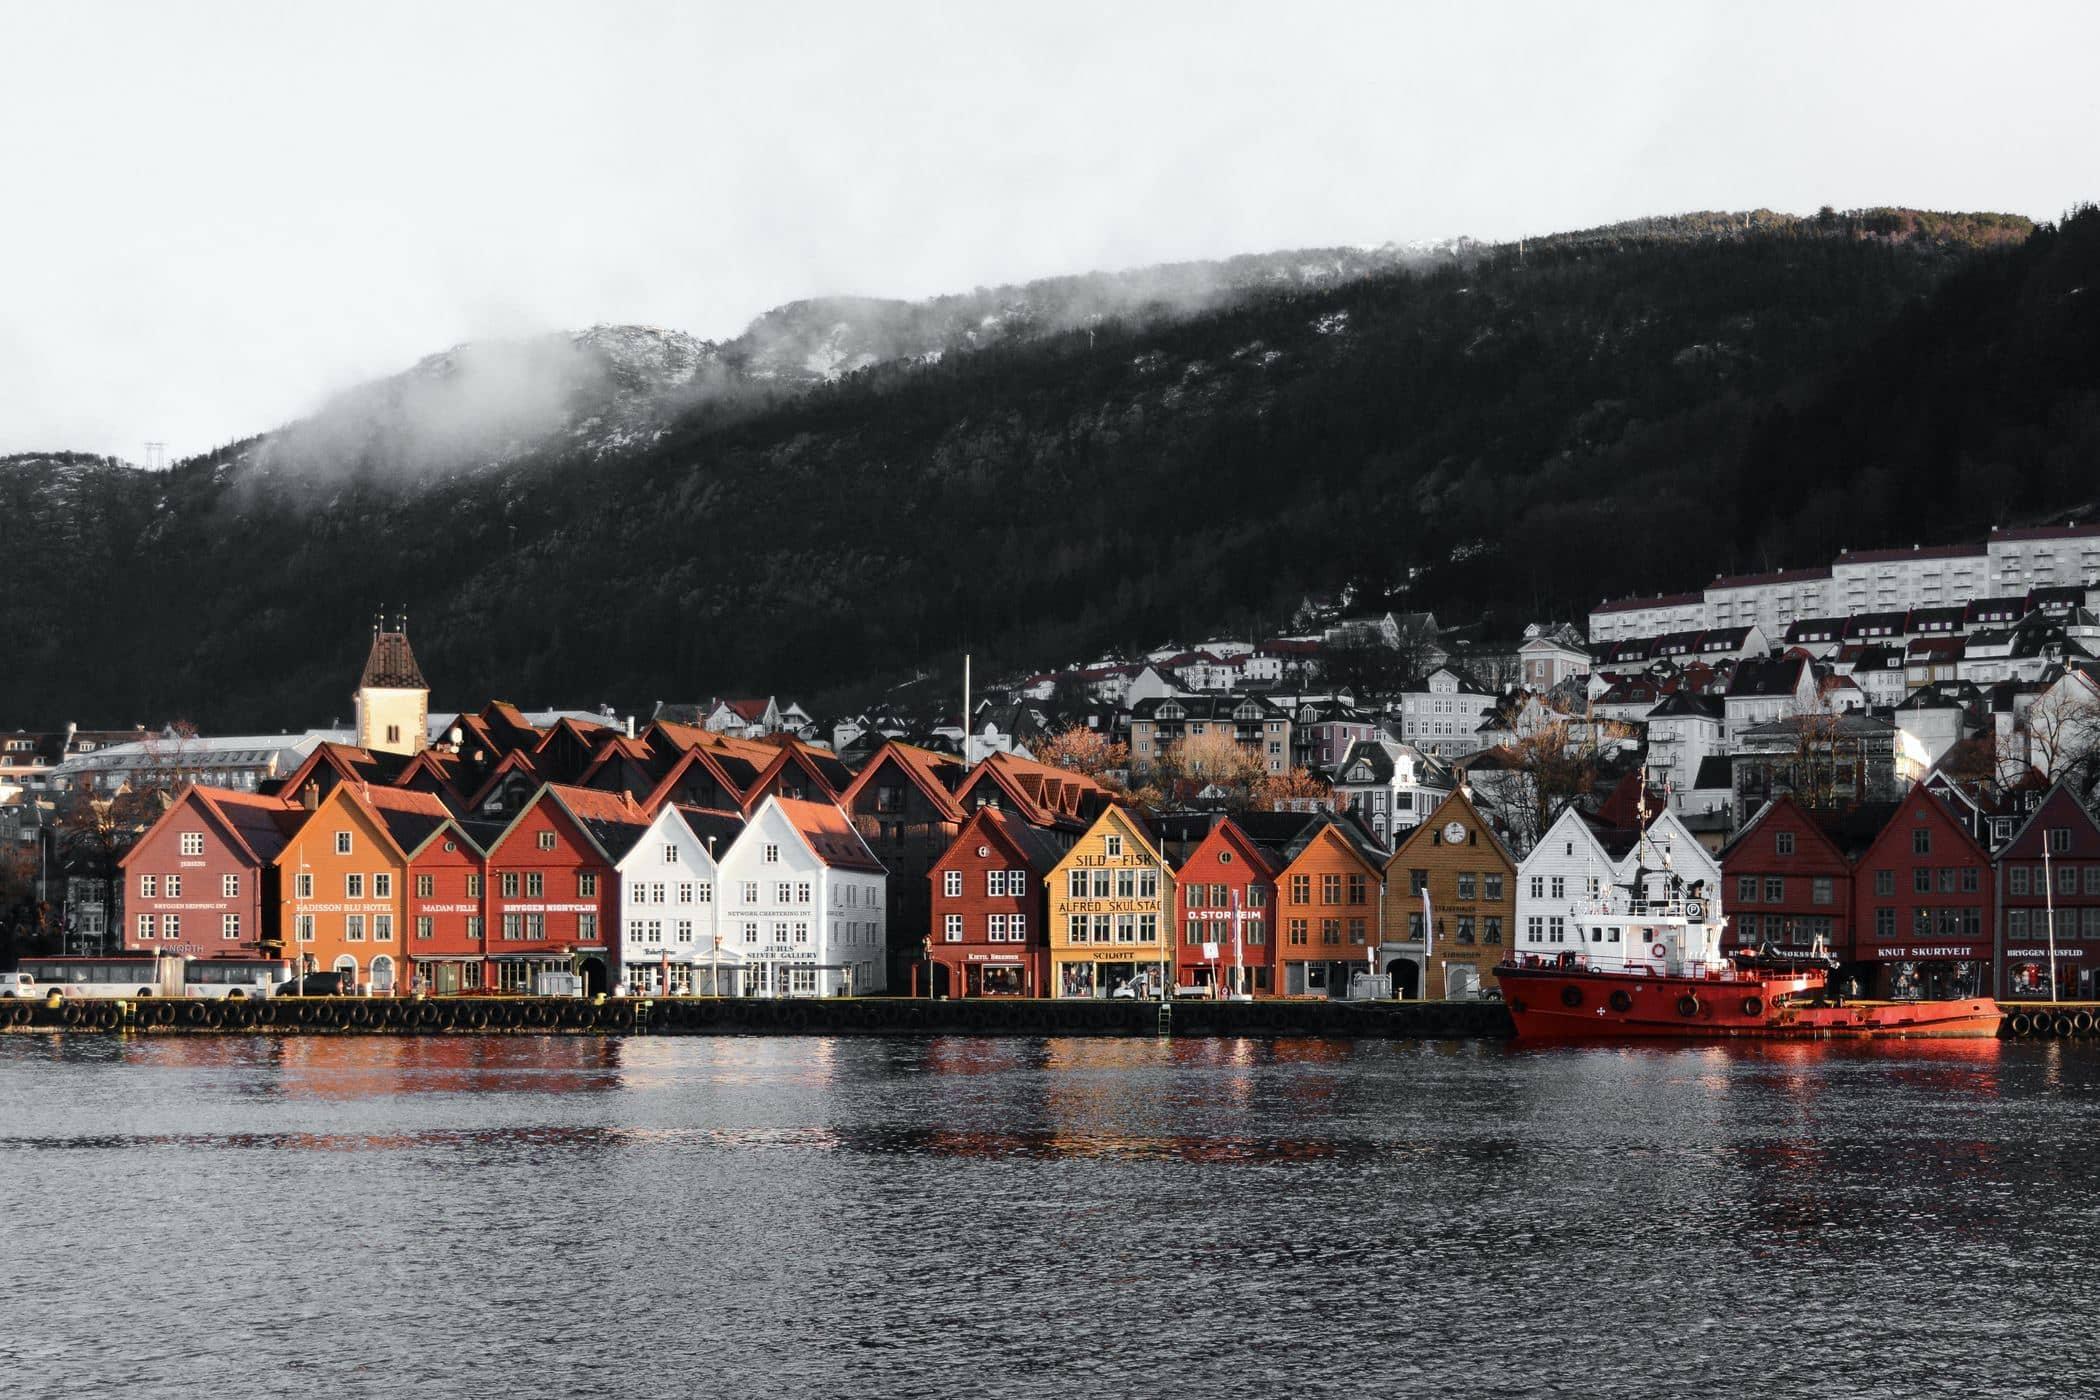 Morning in Bryggen